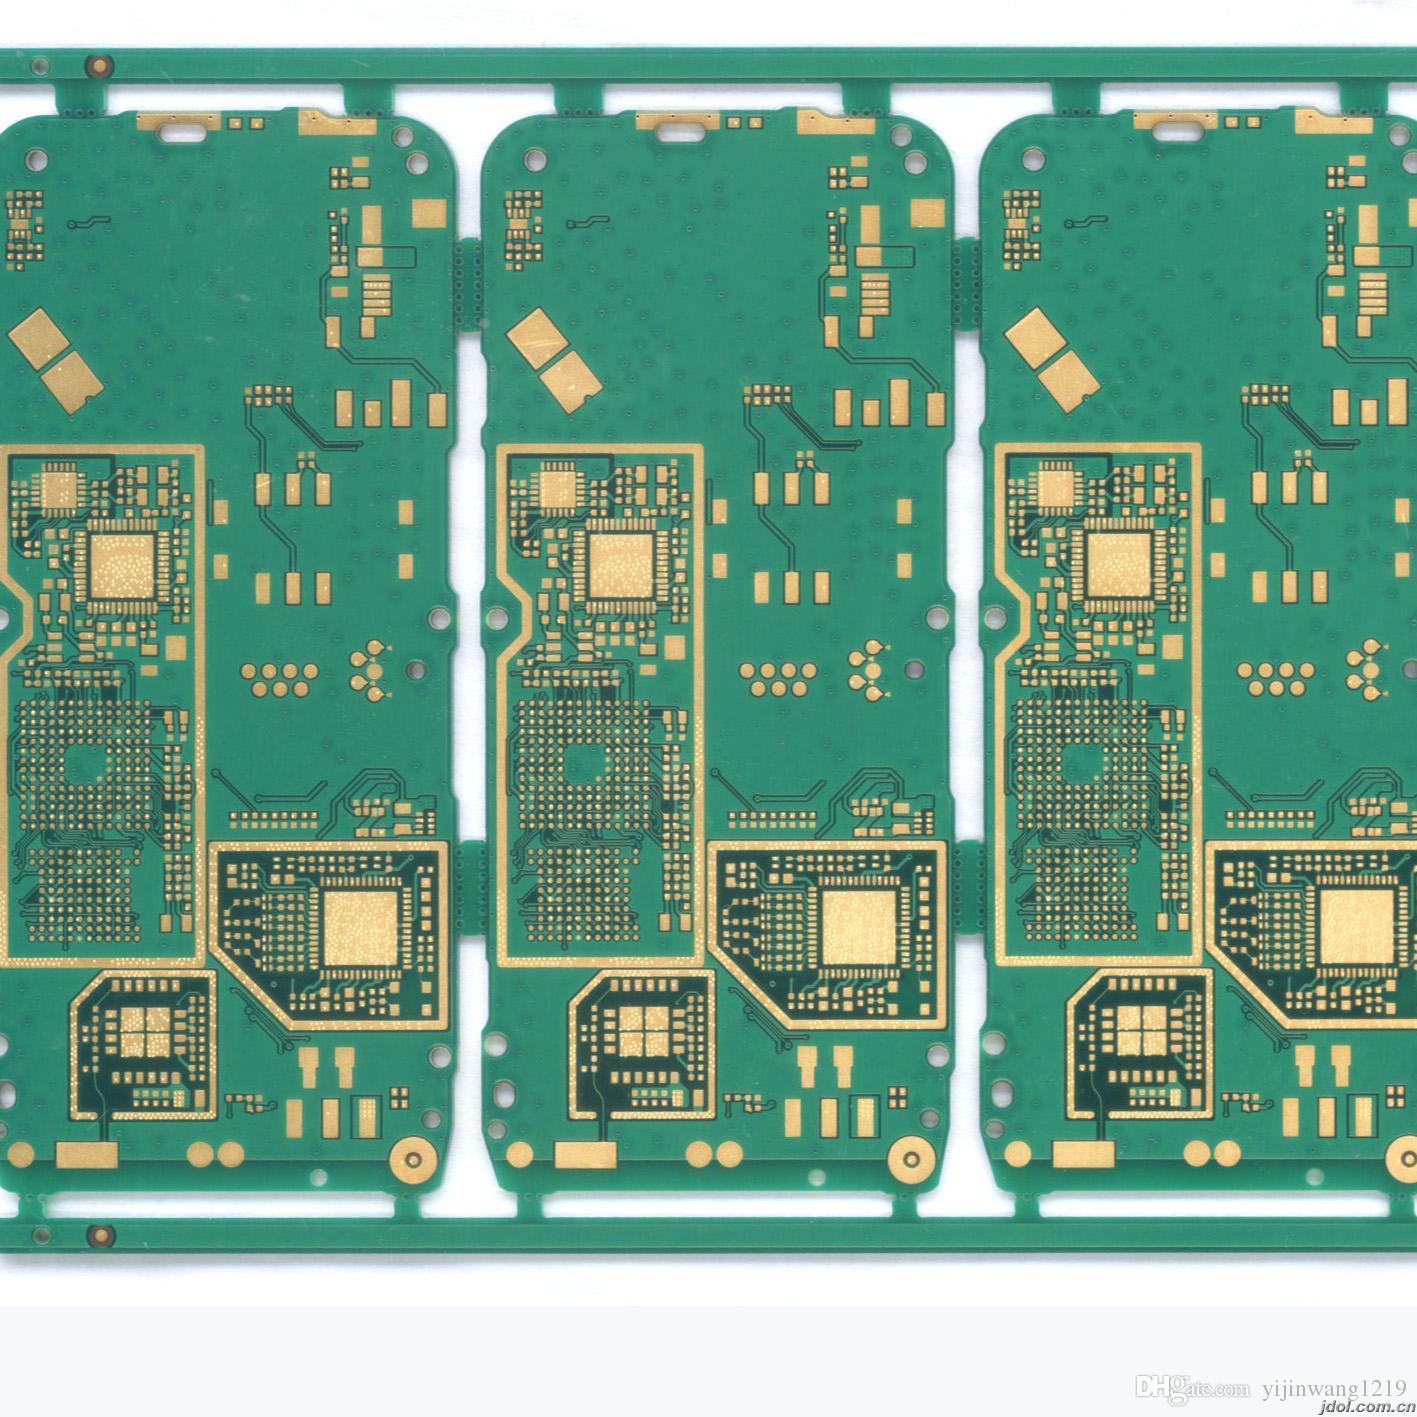 ثنائي الفينيل متعدد الكلور الكتلة producton 2 طبقات -24layers PCB مجلس الصانع المزود عينة الإنتاج كمية صغيرة خدمة تشغيل سريع